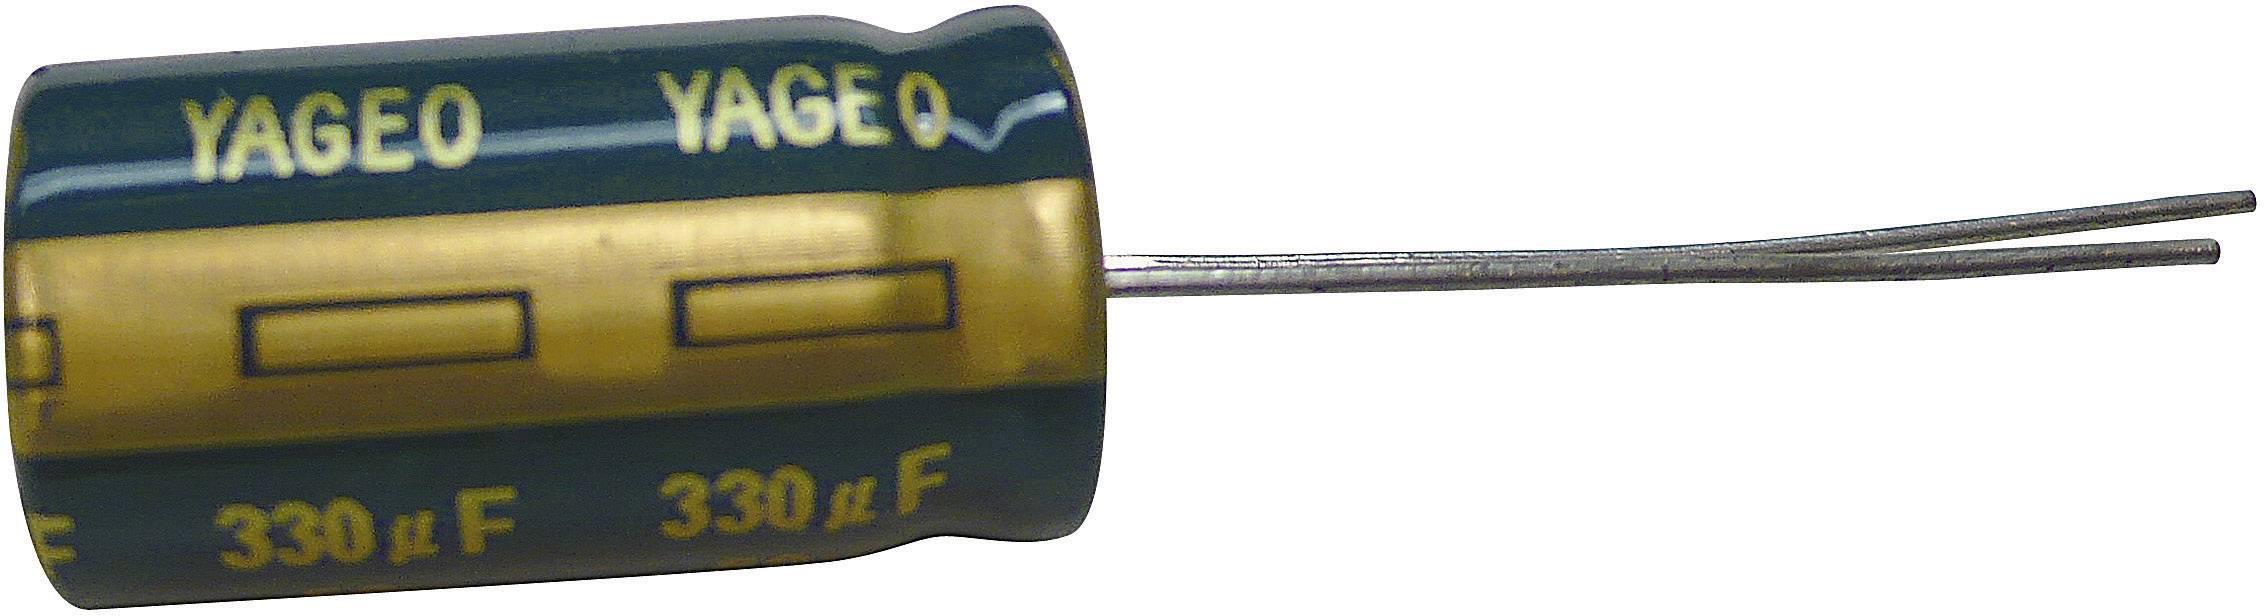 Kondenzátor elektrolytický Yageo SY035M0470B5S-1019, 470 µF, 35 V, 20 %, 19 x 10 mm